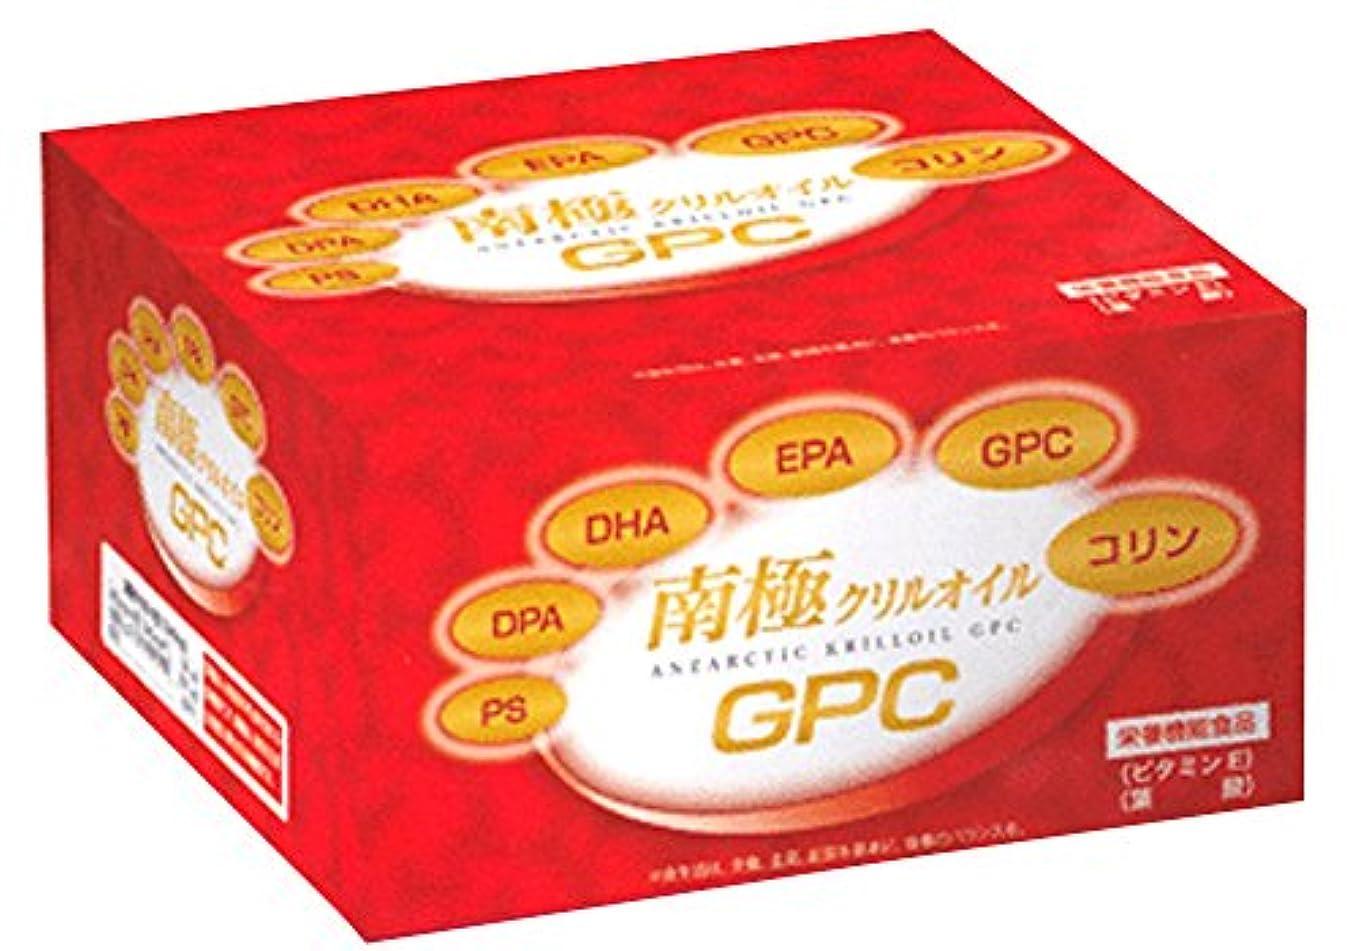 実行する低い慣習ロイヤルジャパン 南極クリルオイル&GPC(3箱入)